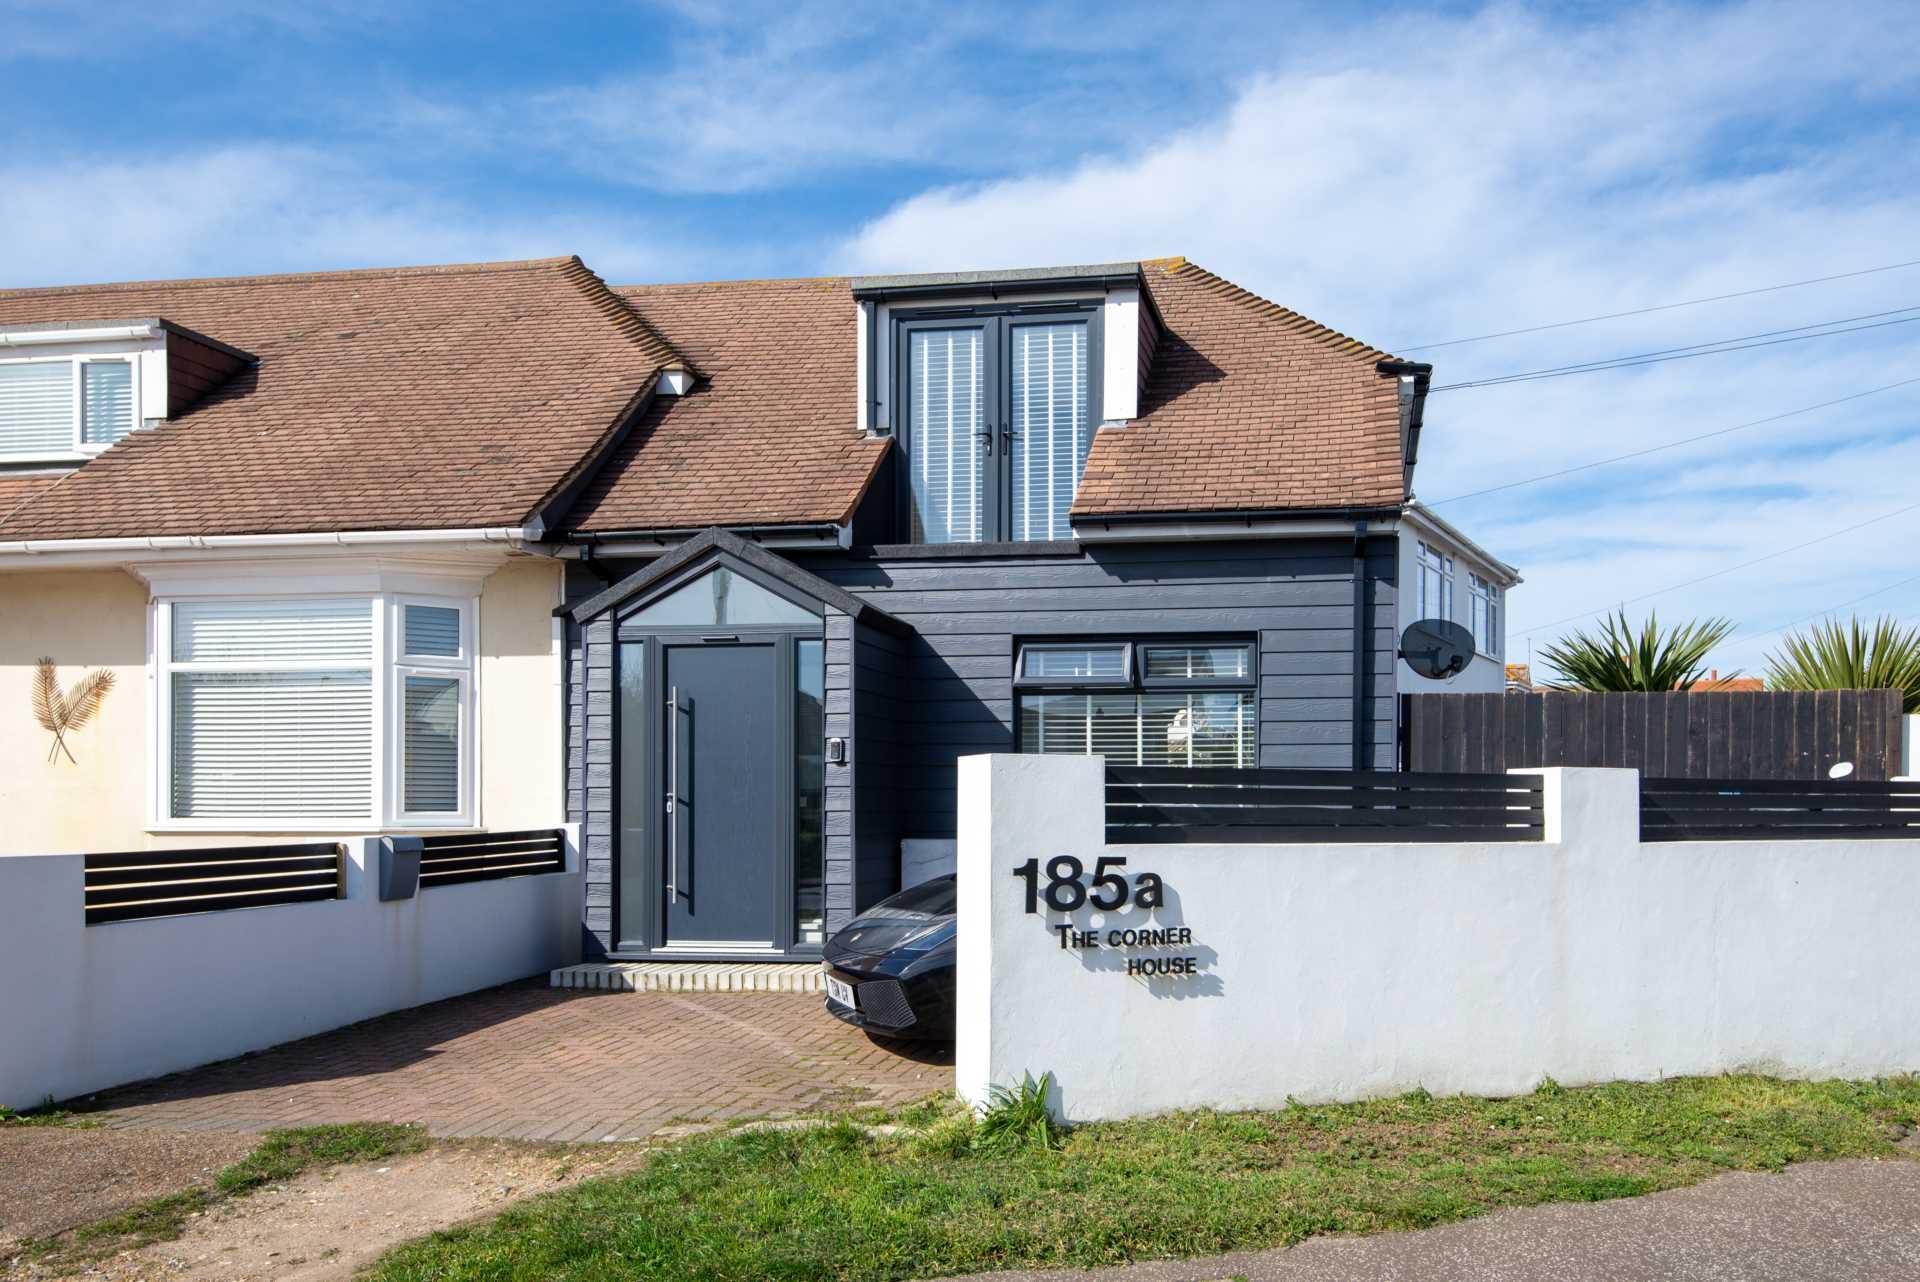 Brighton Road, Lancing, Image 20